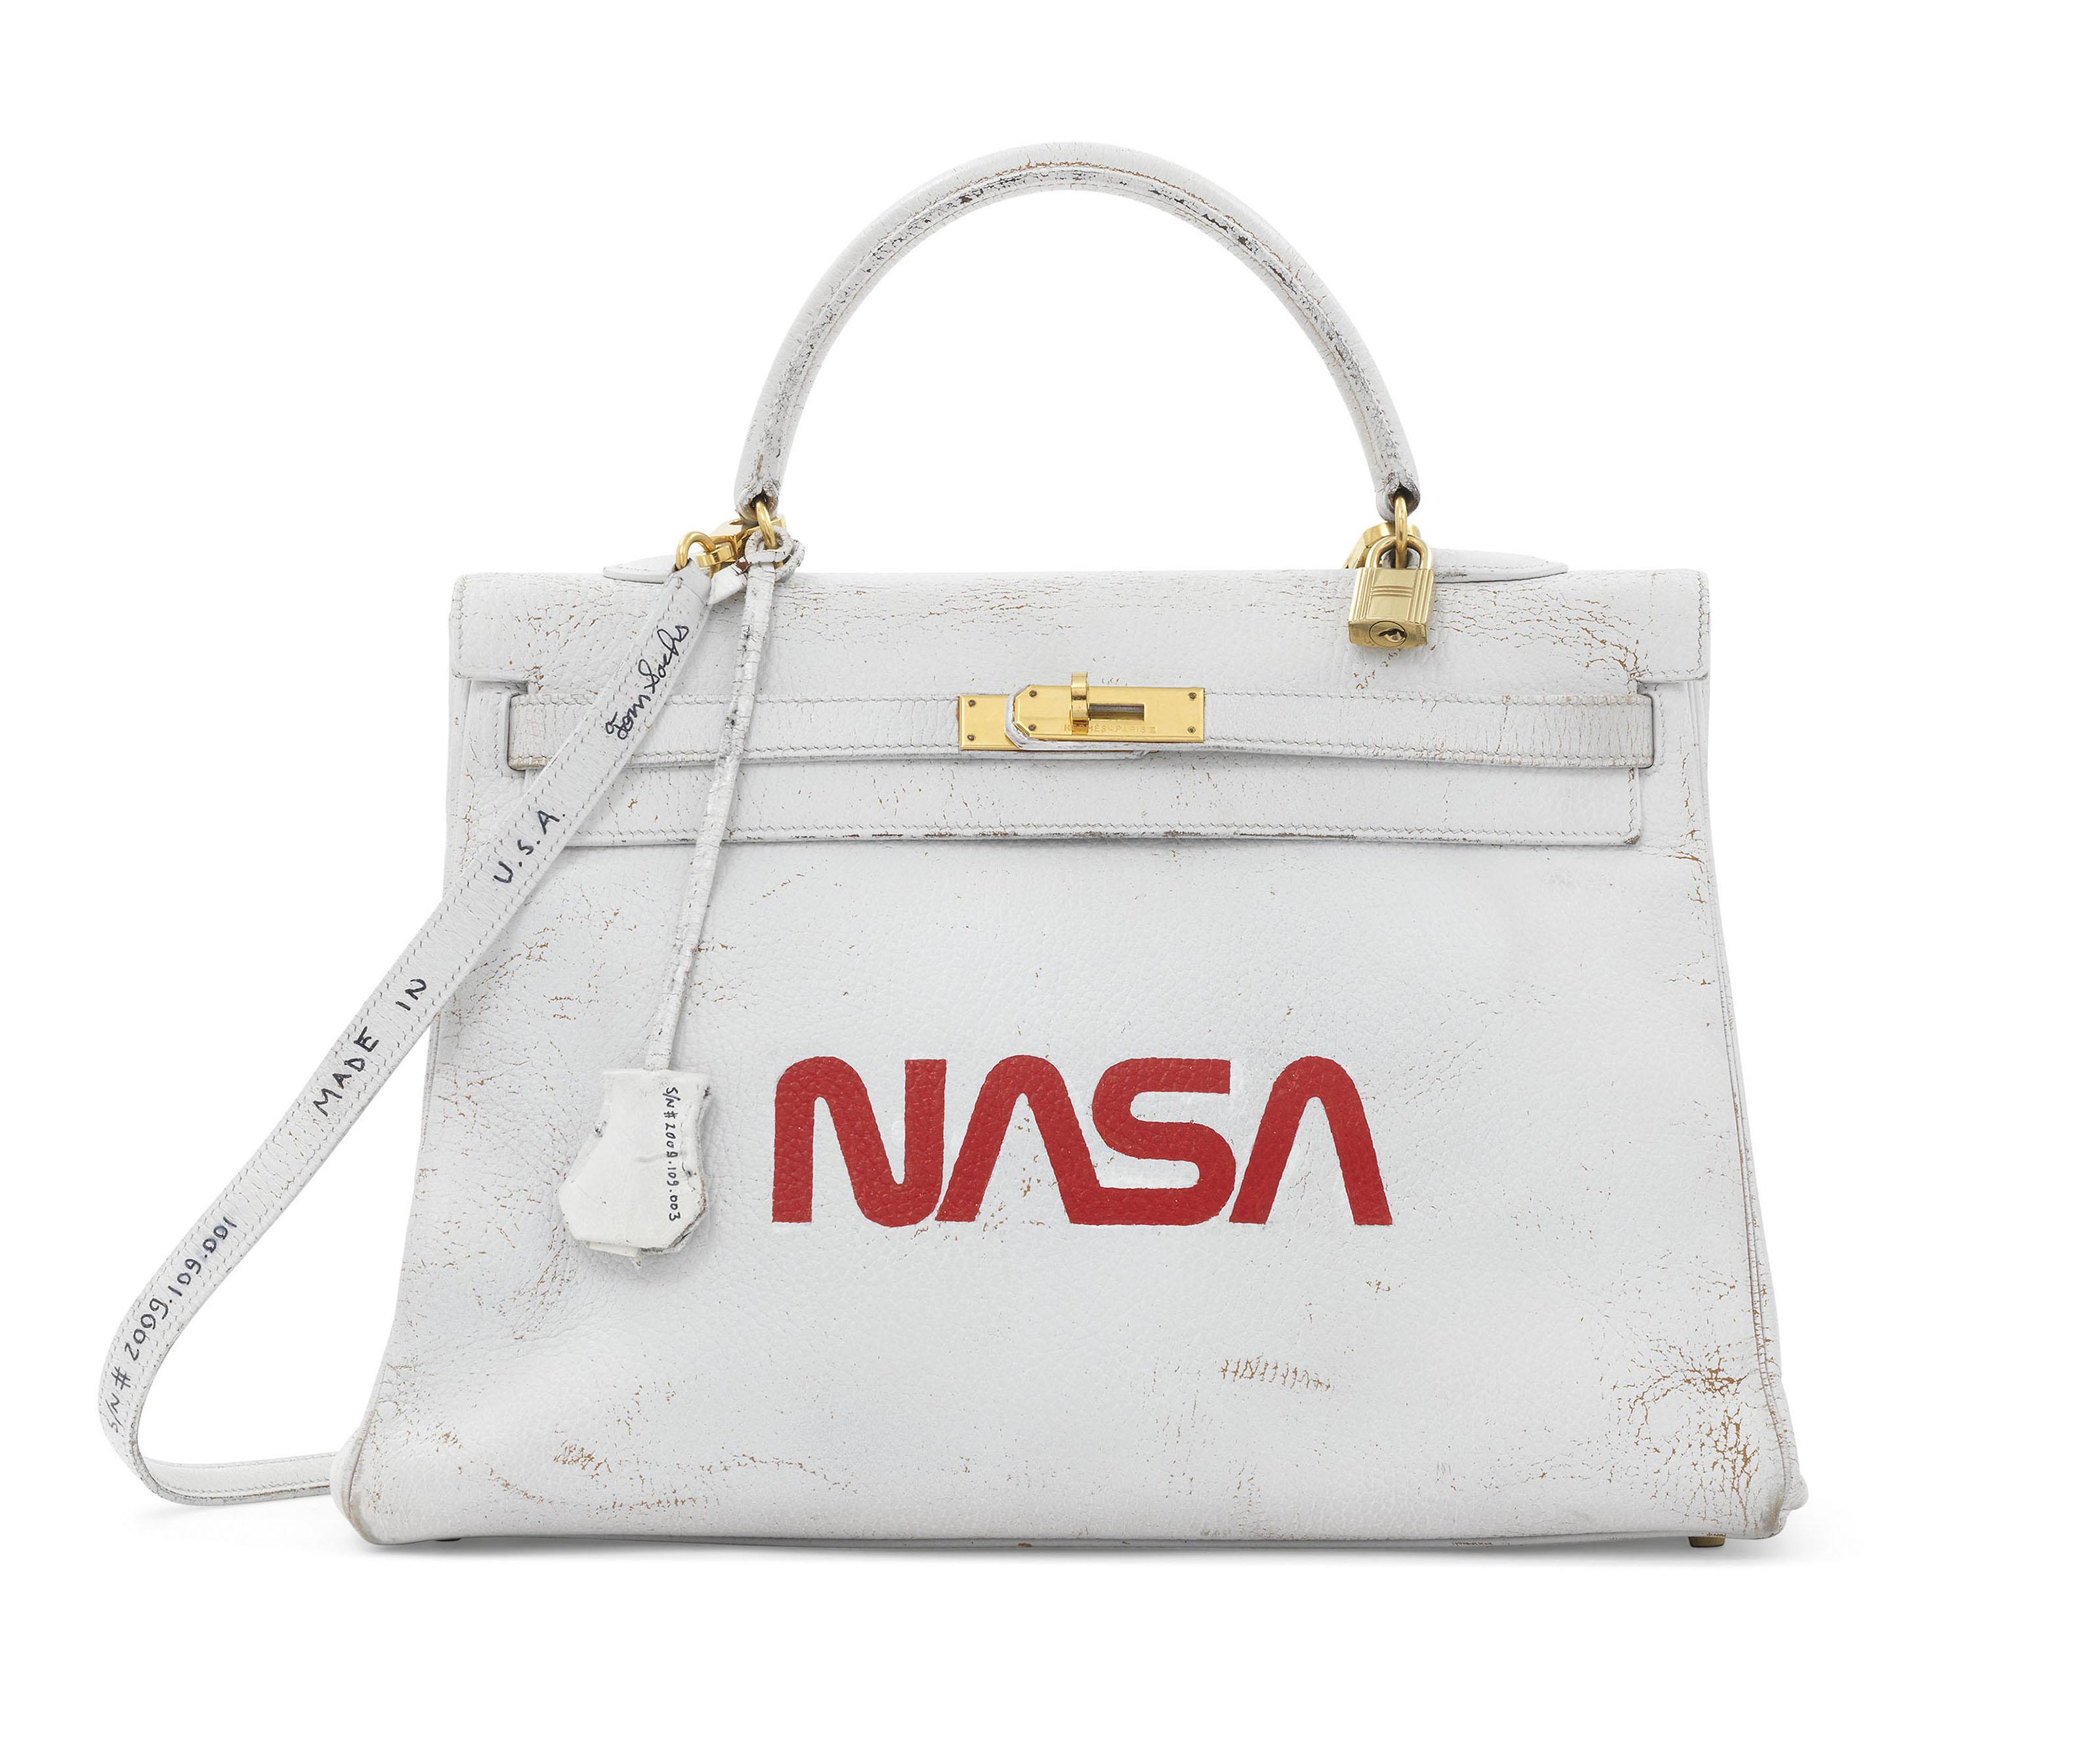 4de12b186c4b A UNIQUE PAINTED WHITE & RED ARDENNES LEATHER NASA RETOURNÉ KELLY 35 ...